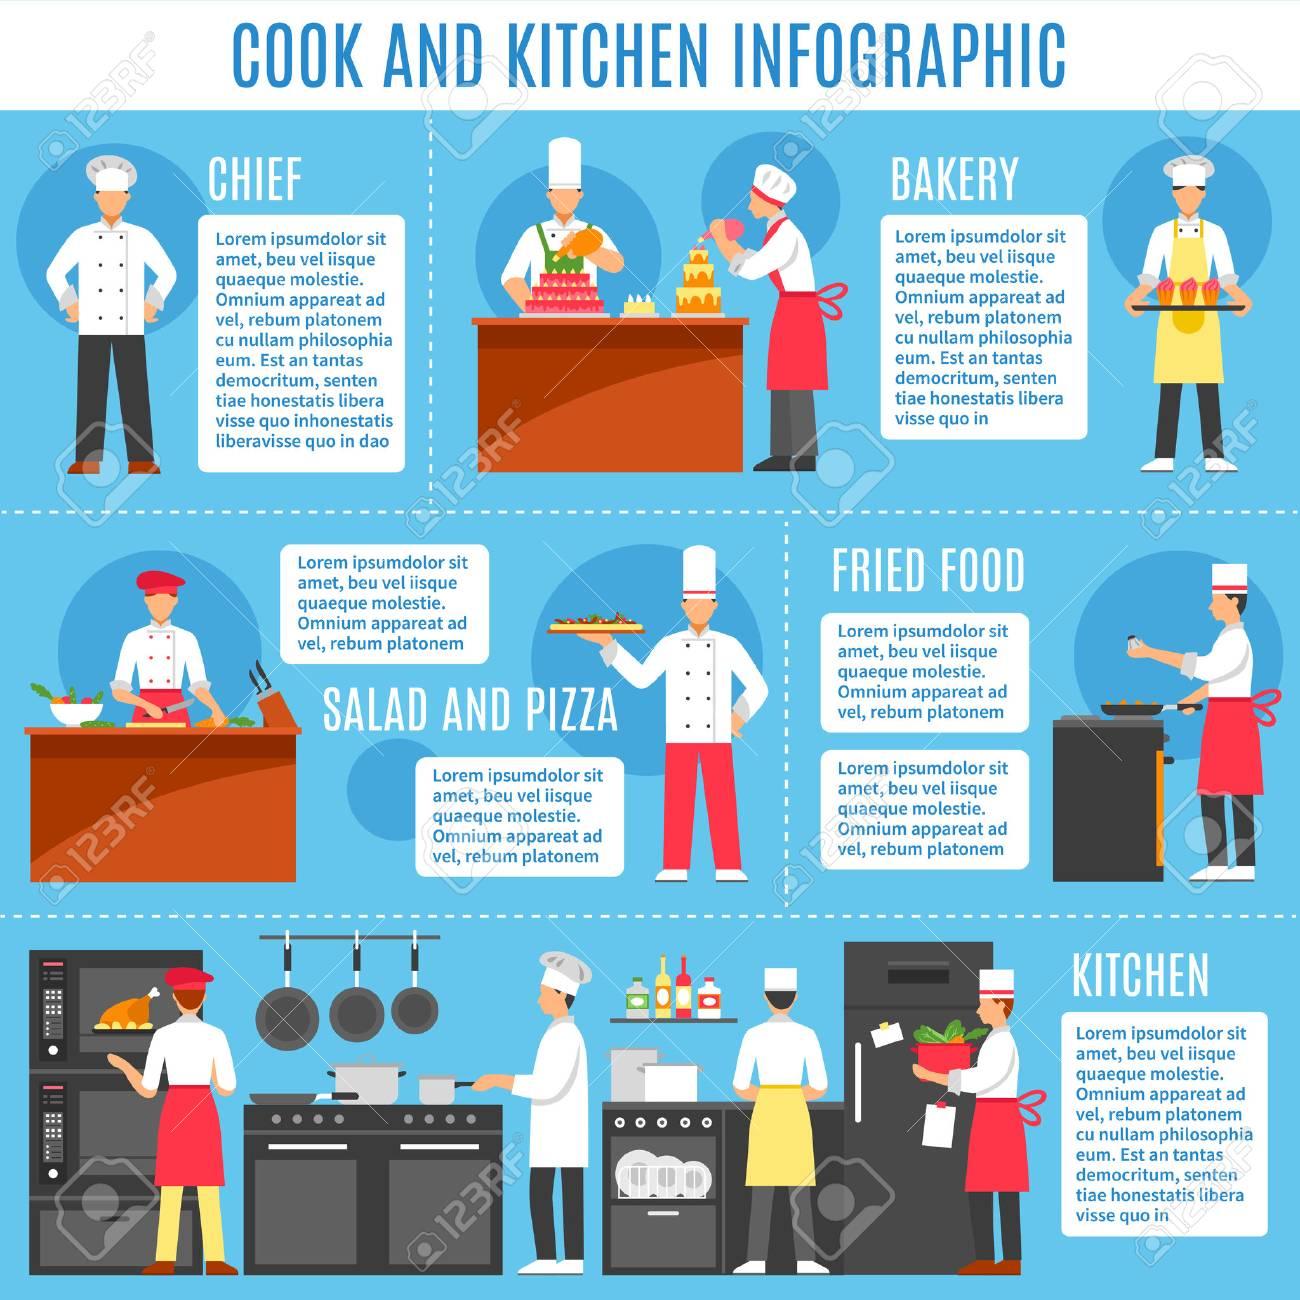 mise en page de cuisinier et cuisine infographie avec des